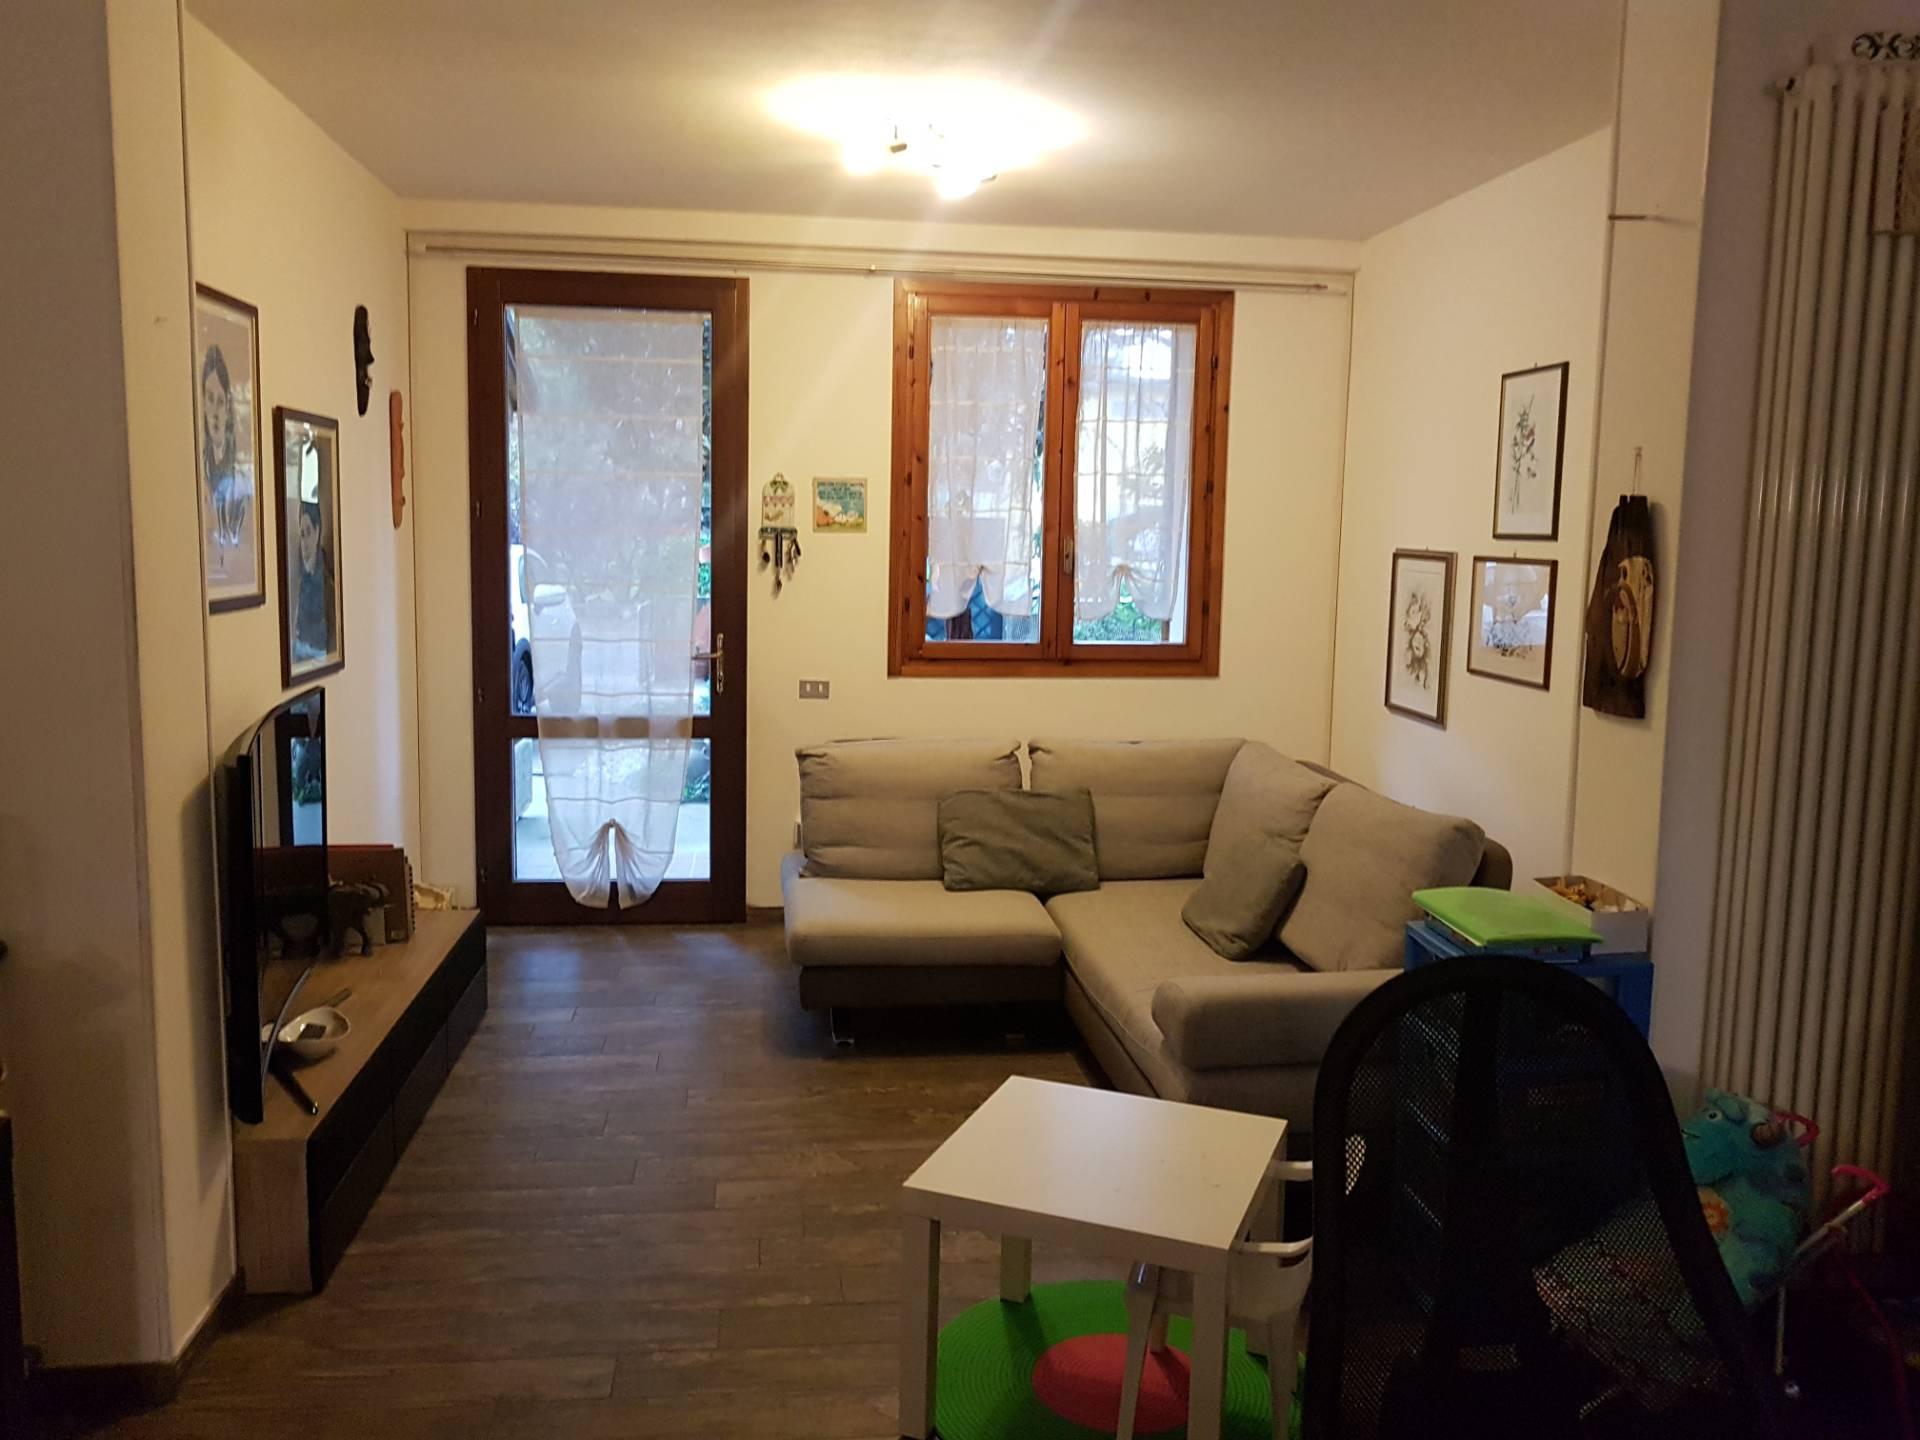 Villa in vendita a Sant'Agata sul Santerno, 6 locali, prezzo € 175.000 | CambioCasa.it